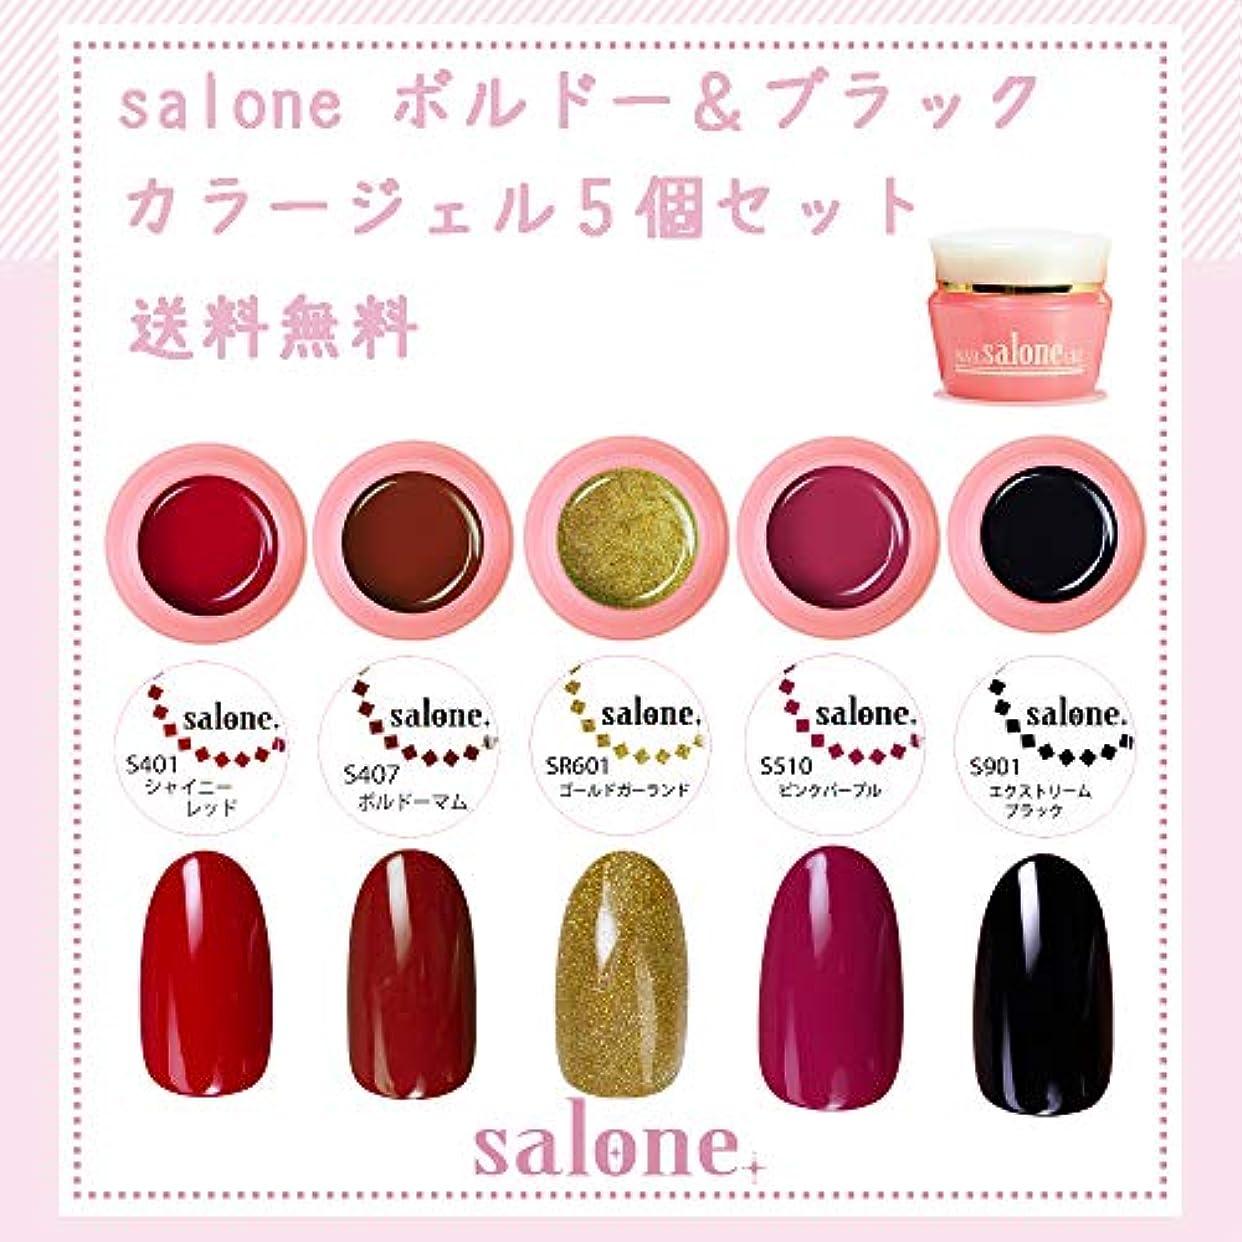 下着ほんの午後【送料無料 日本製】Salone ボルドー&ブラックネイル カラージェル5個セット ネイルのマストカラーボルドーとブラックカラー